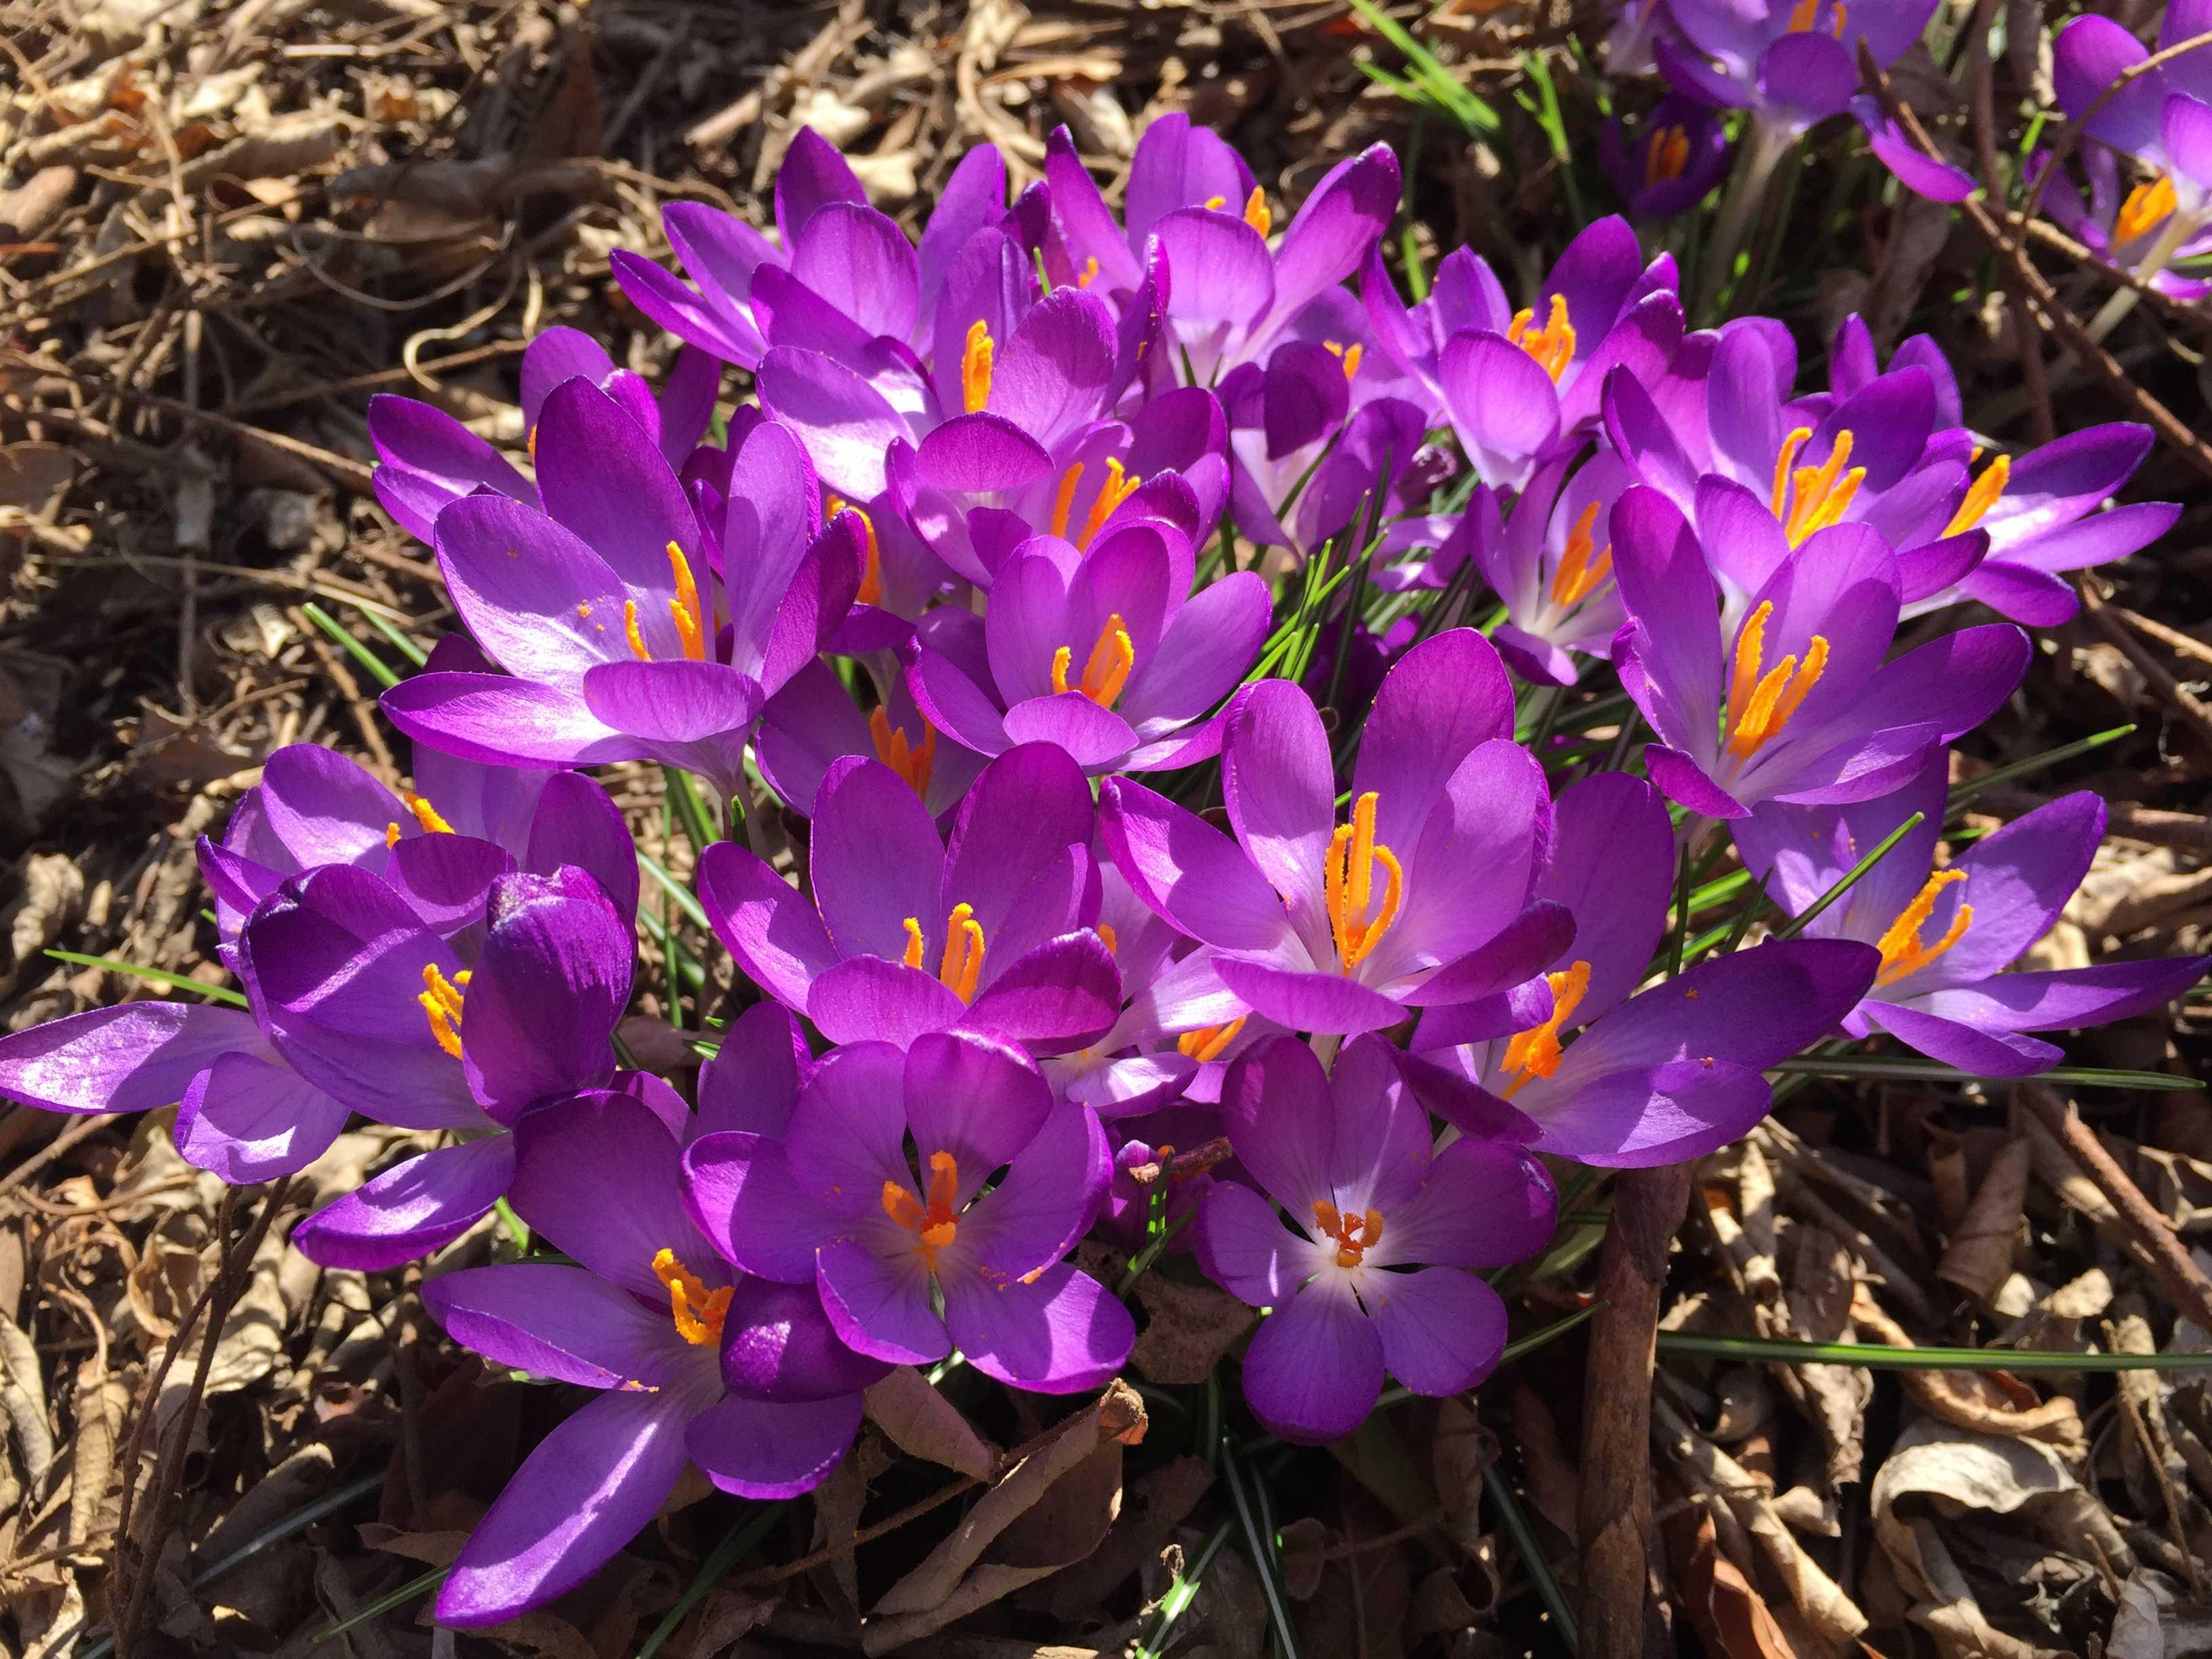 紫のクロッカス(紫色のクロッカス)の花